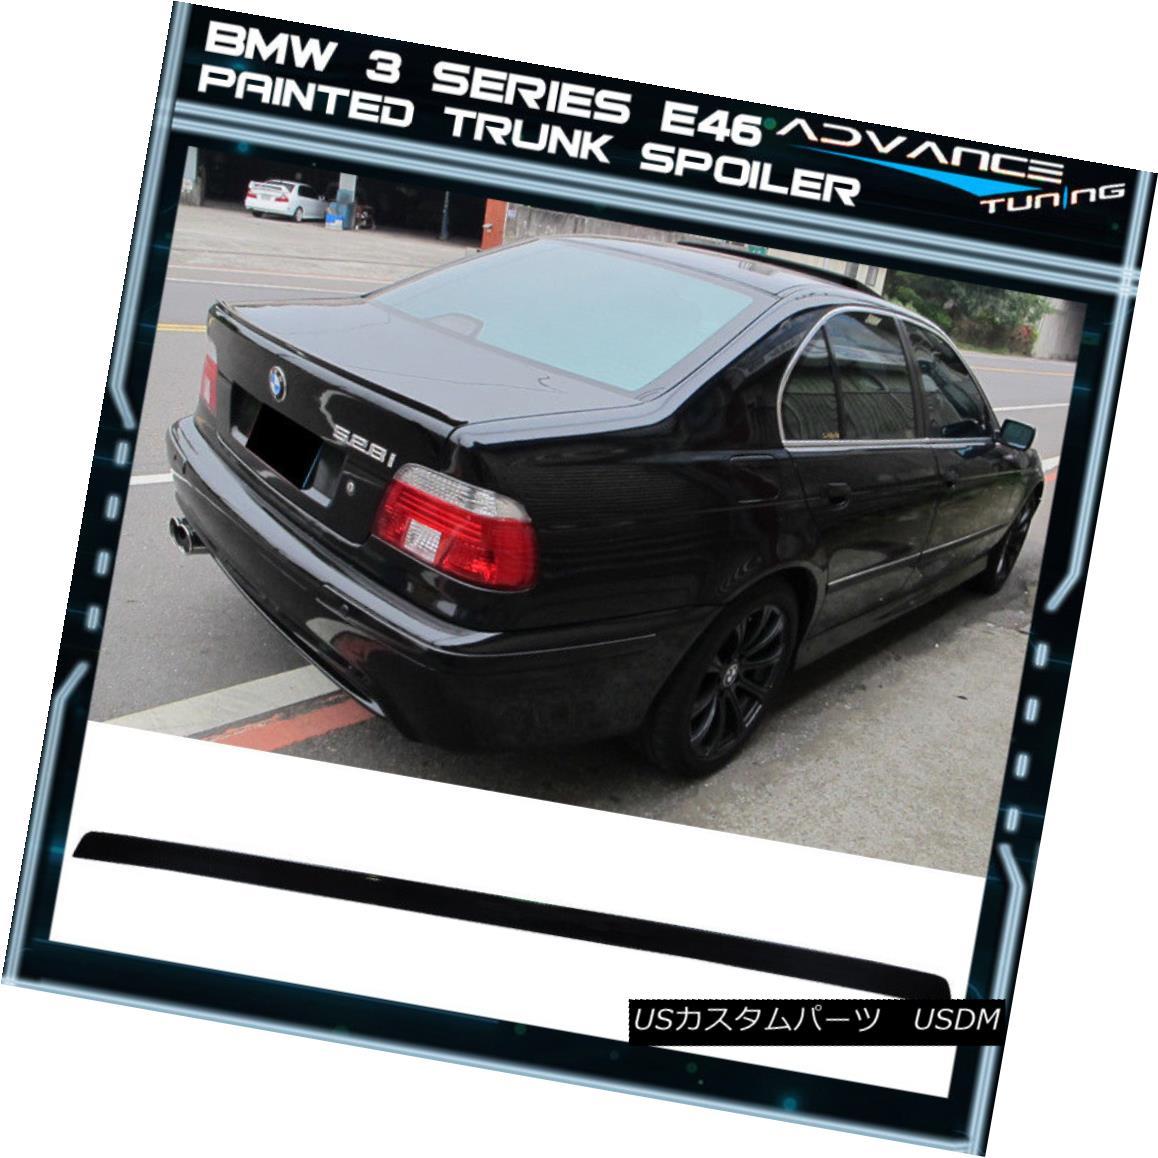 エアロパーツ 99-05 BMW 3 Series 4Dr E46 Painted #668 Jet Black Trunk Spoiler - PUF 99-05 BMW 3シリーズ4Dr E46ペイント#668ジェットブラックトランク・スポイラー - PUF